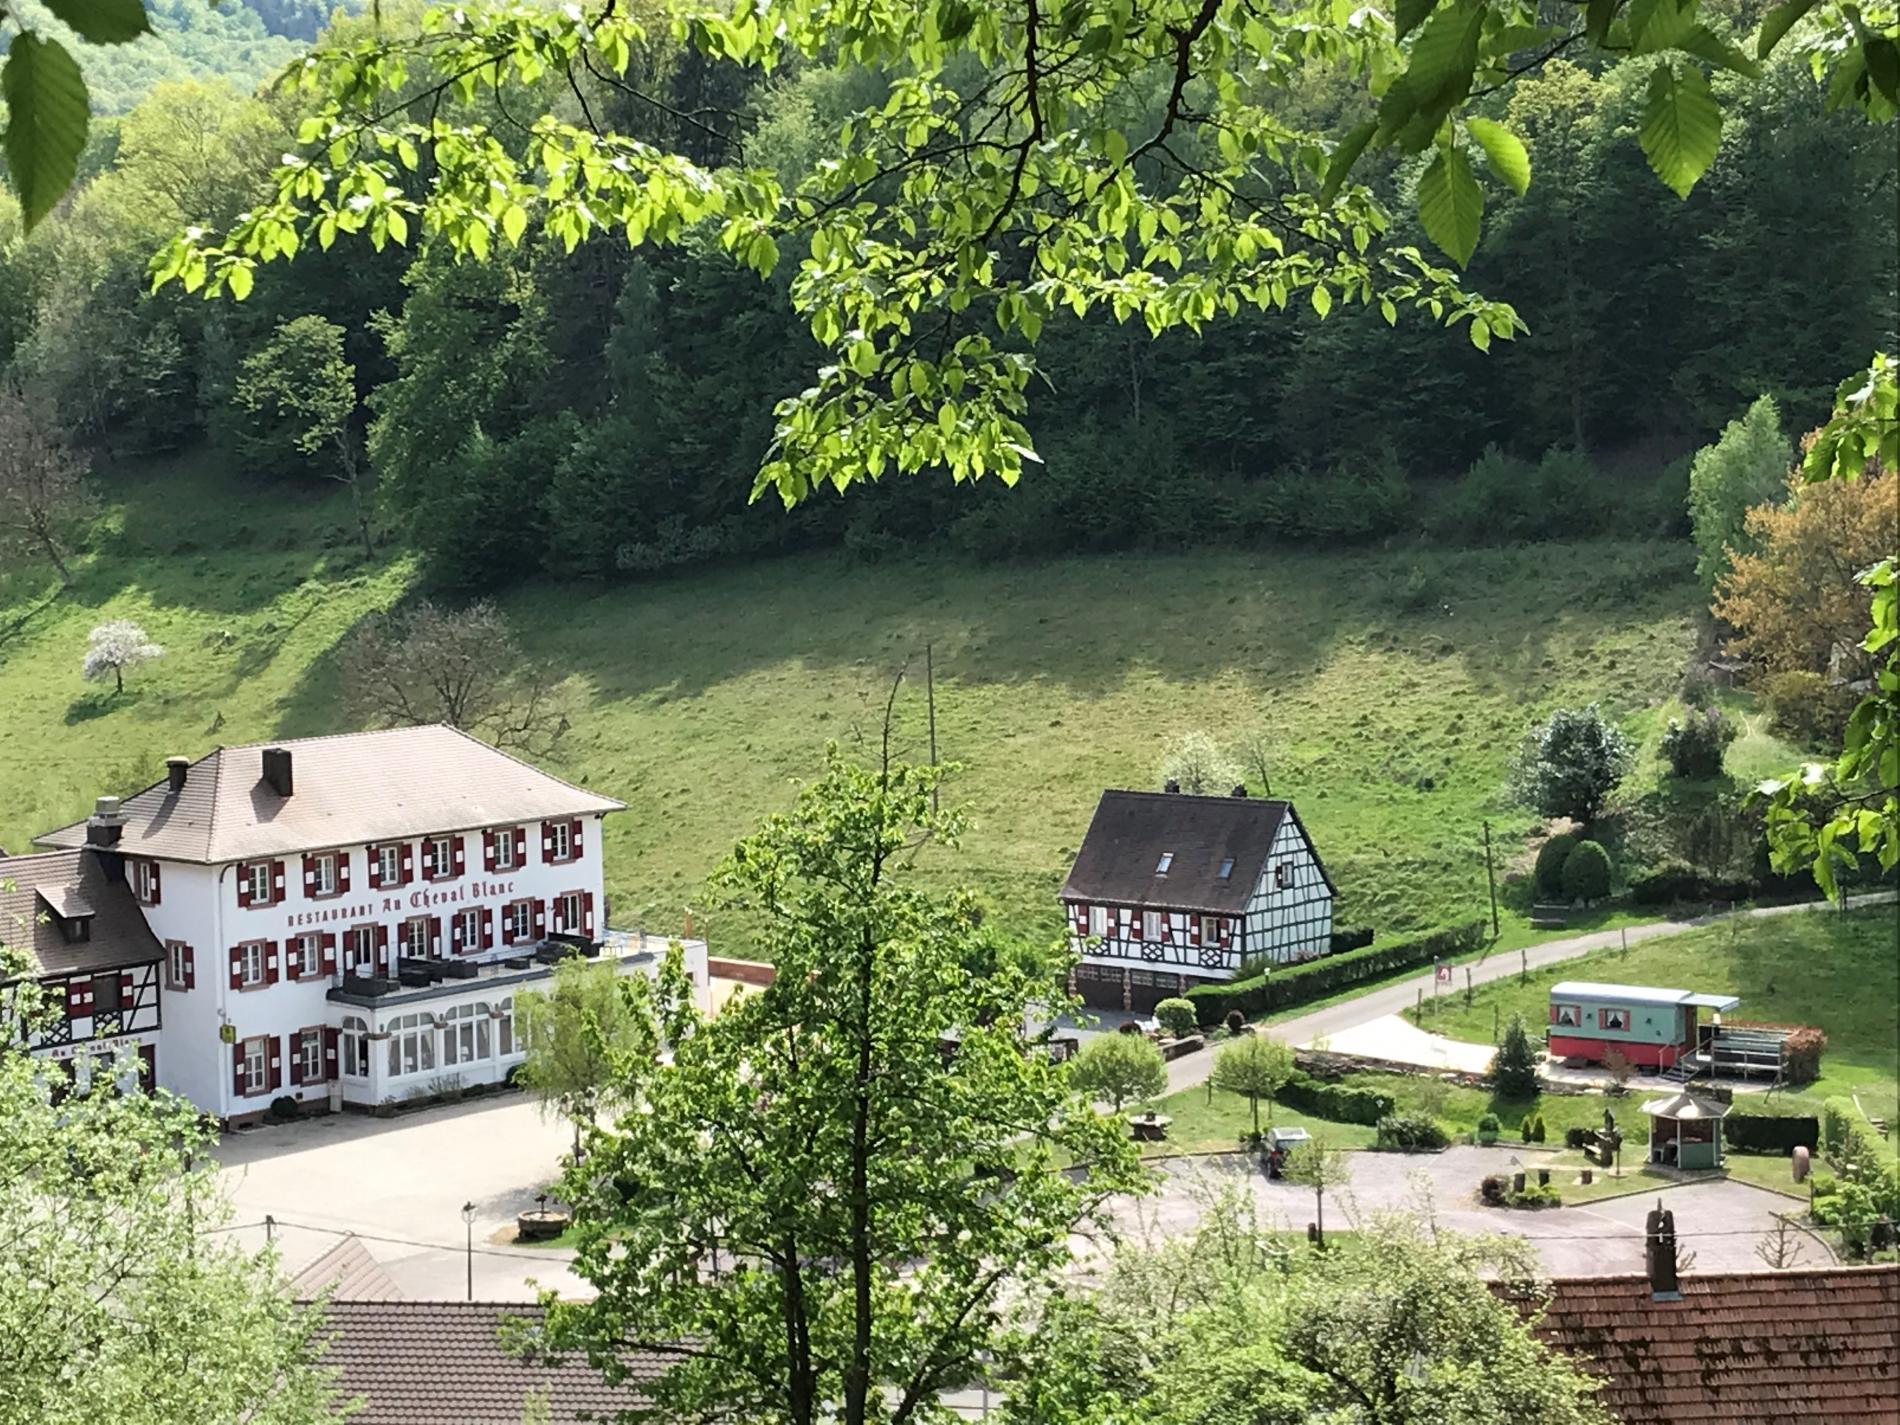 Vue sur le cheval blanc et sa roulotte à quelques kms de Hunspach village préféré des français en 2020